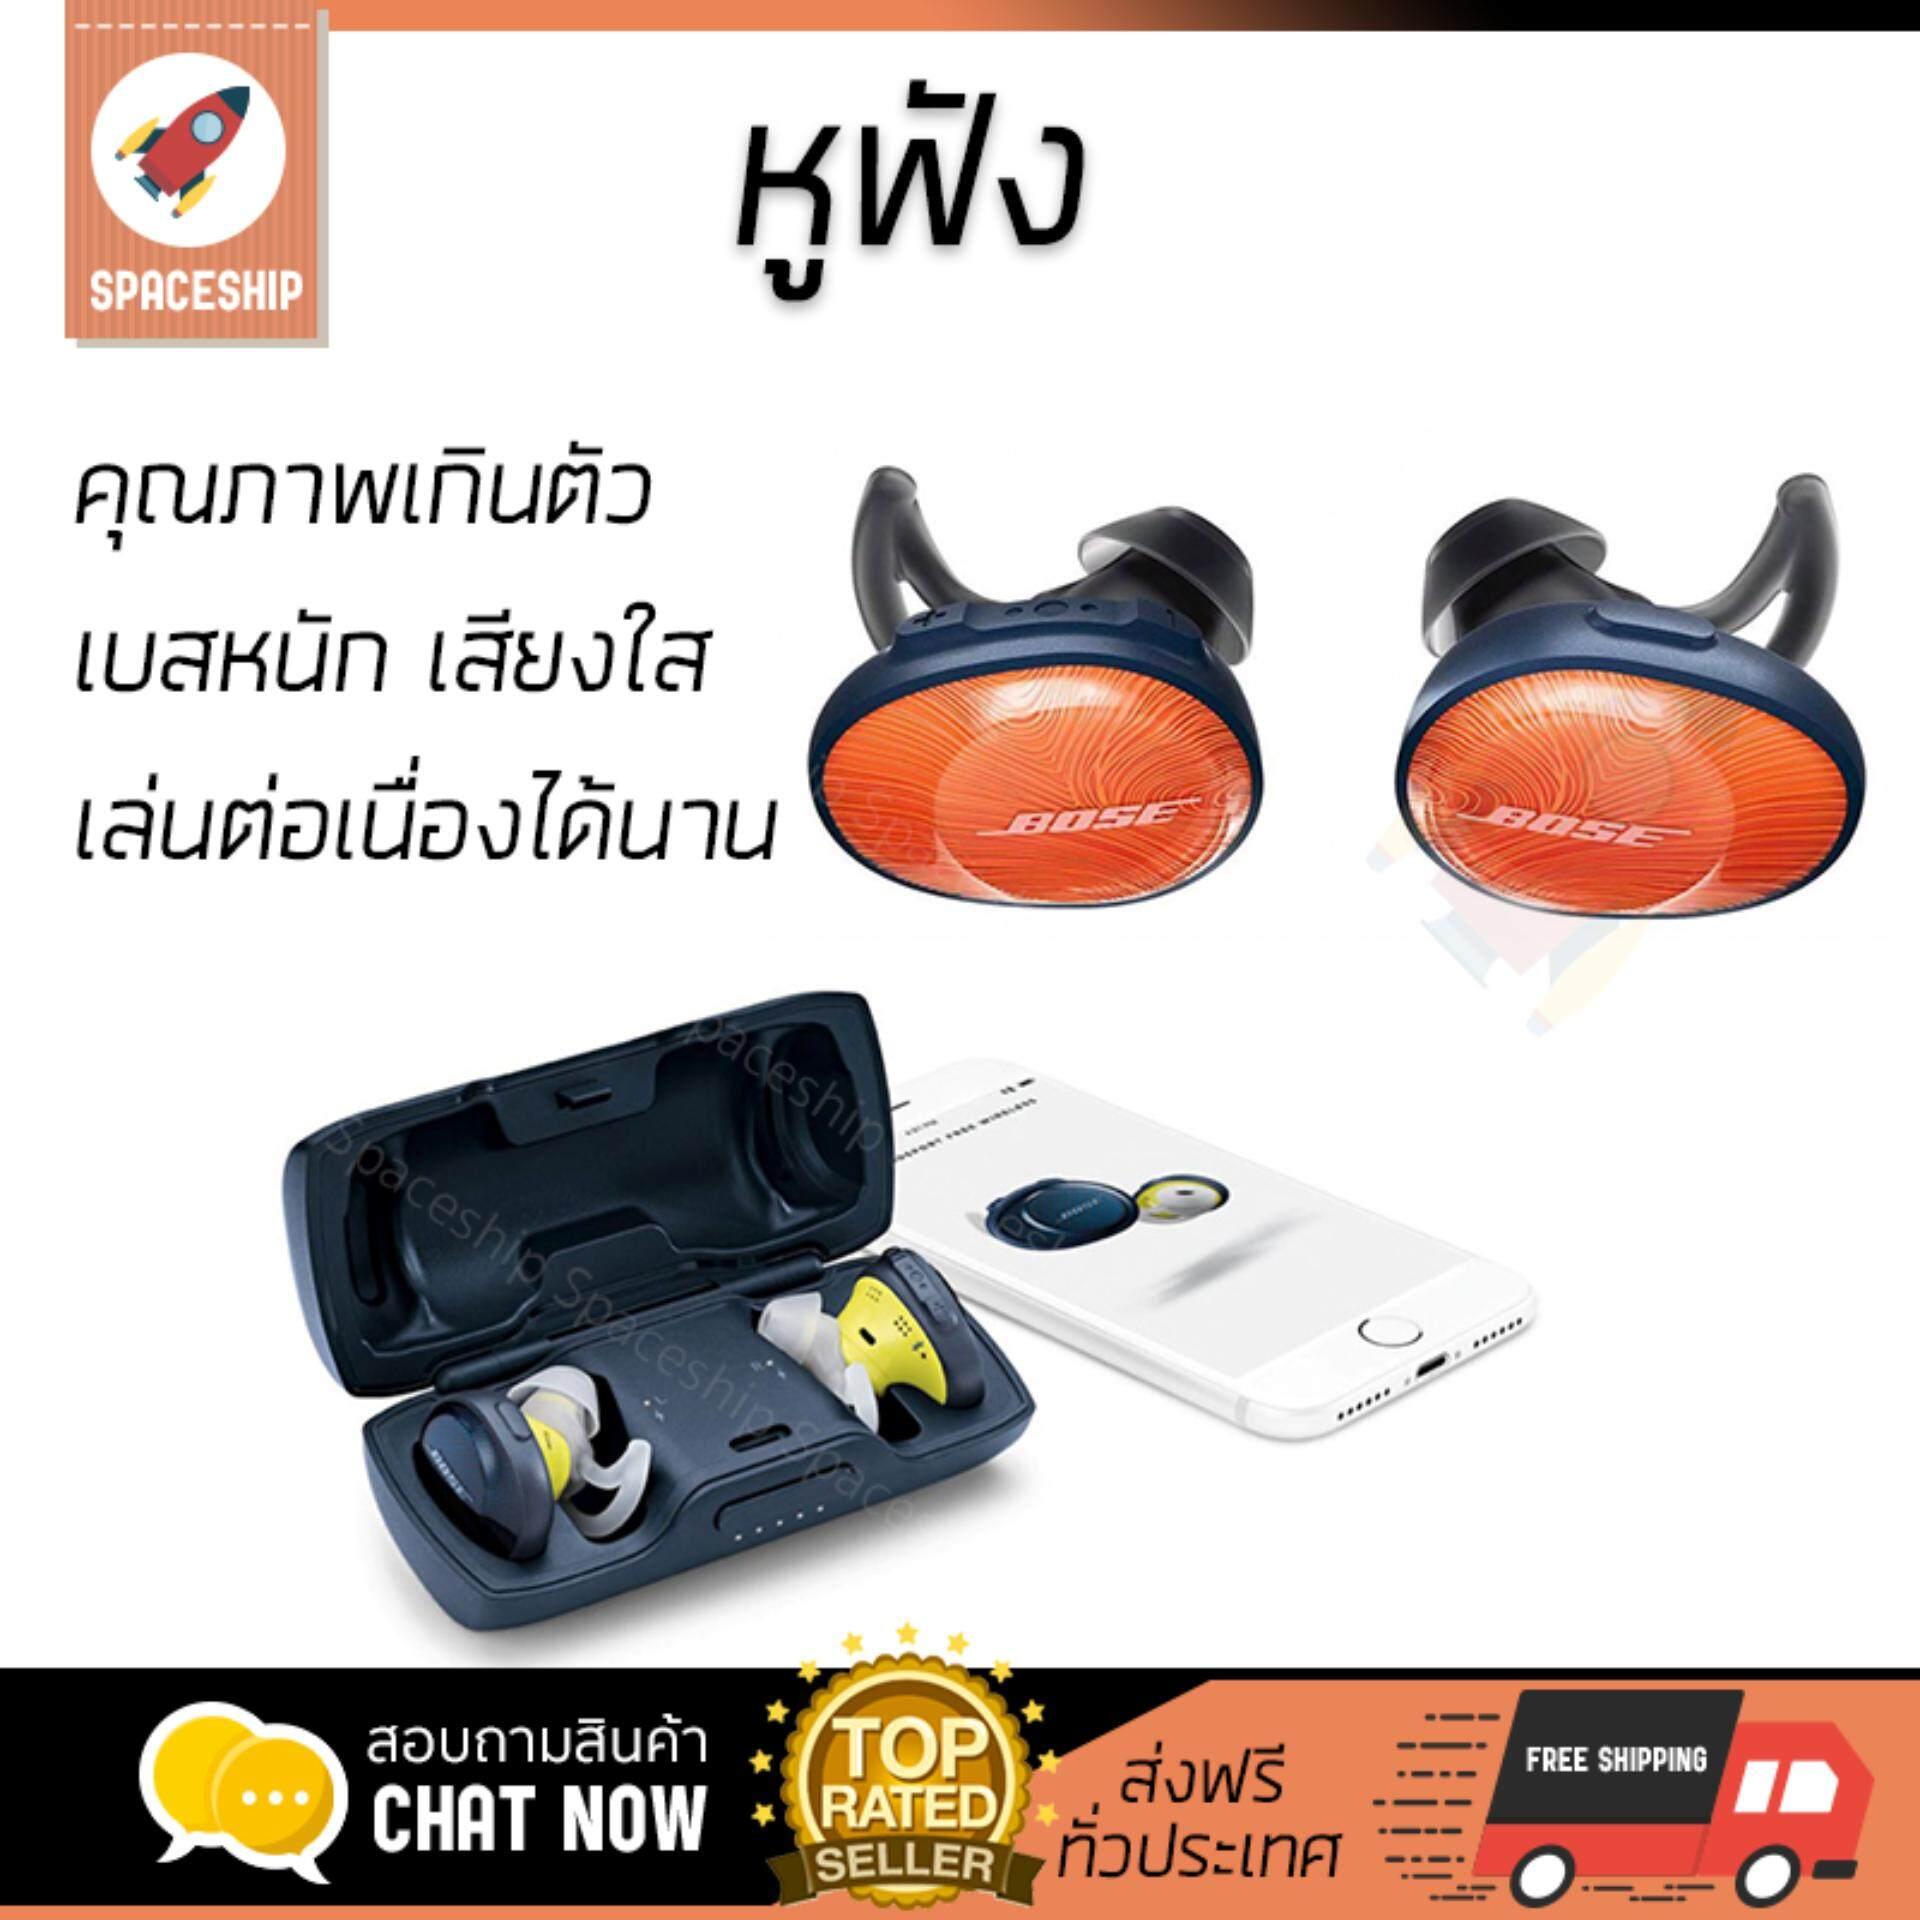 การใช้งาน  ตราด ของแท้ หูฟัง Bose SoundSport Free Wireless Headphones Orange เบสหนัก เสียงใส คุณภาพเกินตัว Headphone รับประกัน 1 ปี จัดส่งฟรีทั่วประเทศ